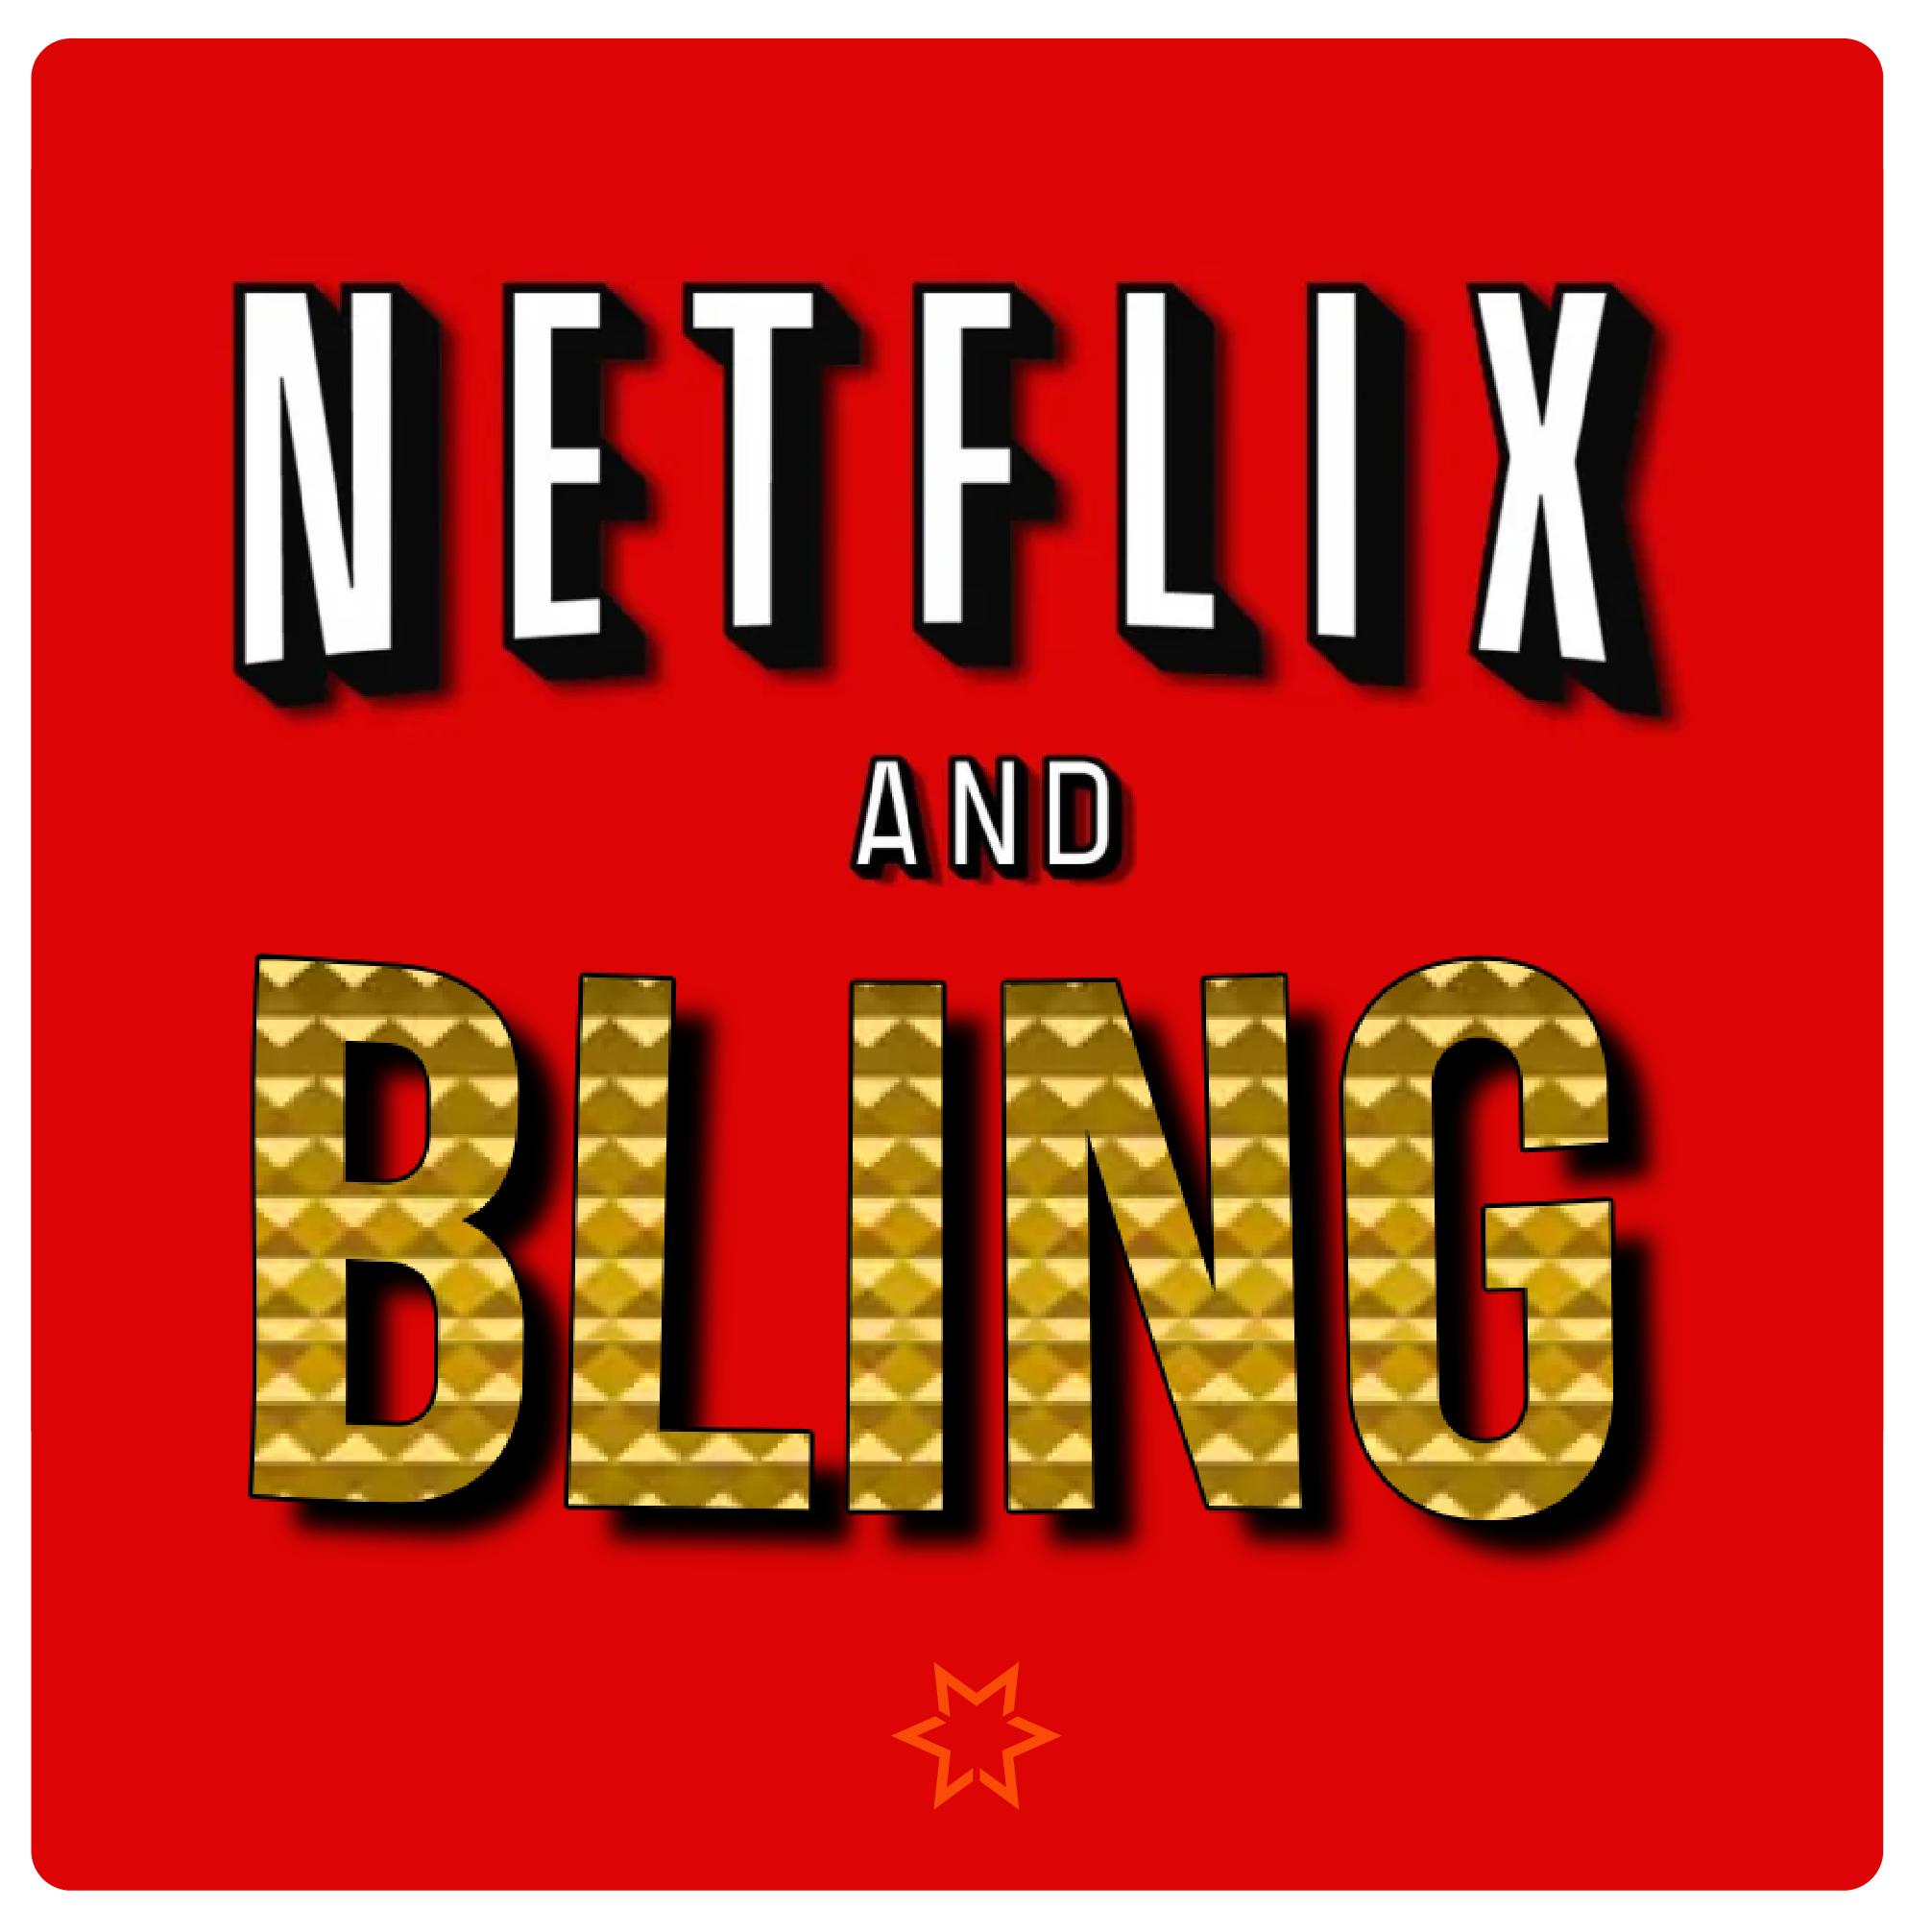 Netflix and Bling Melorra Cool Jewellery for Millennials